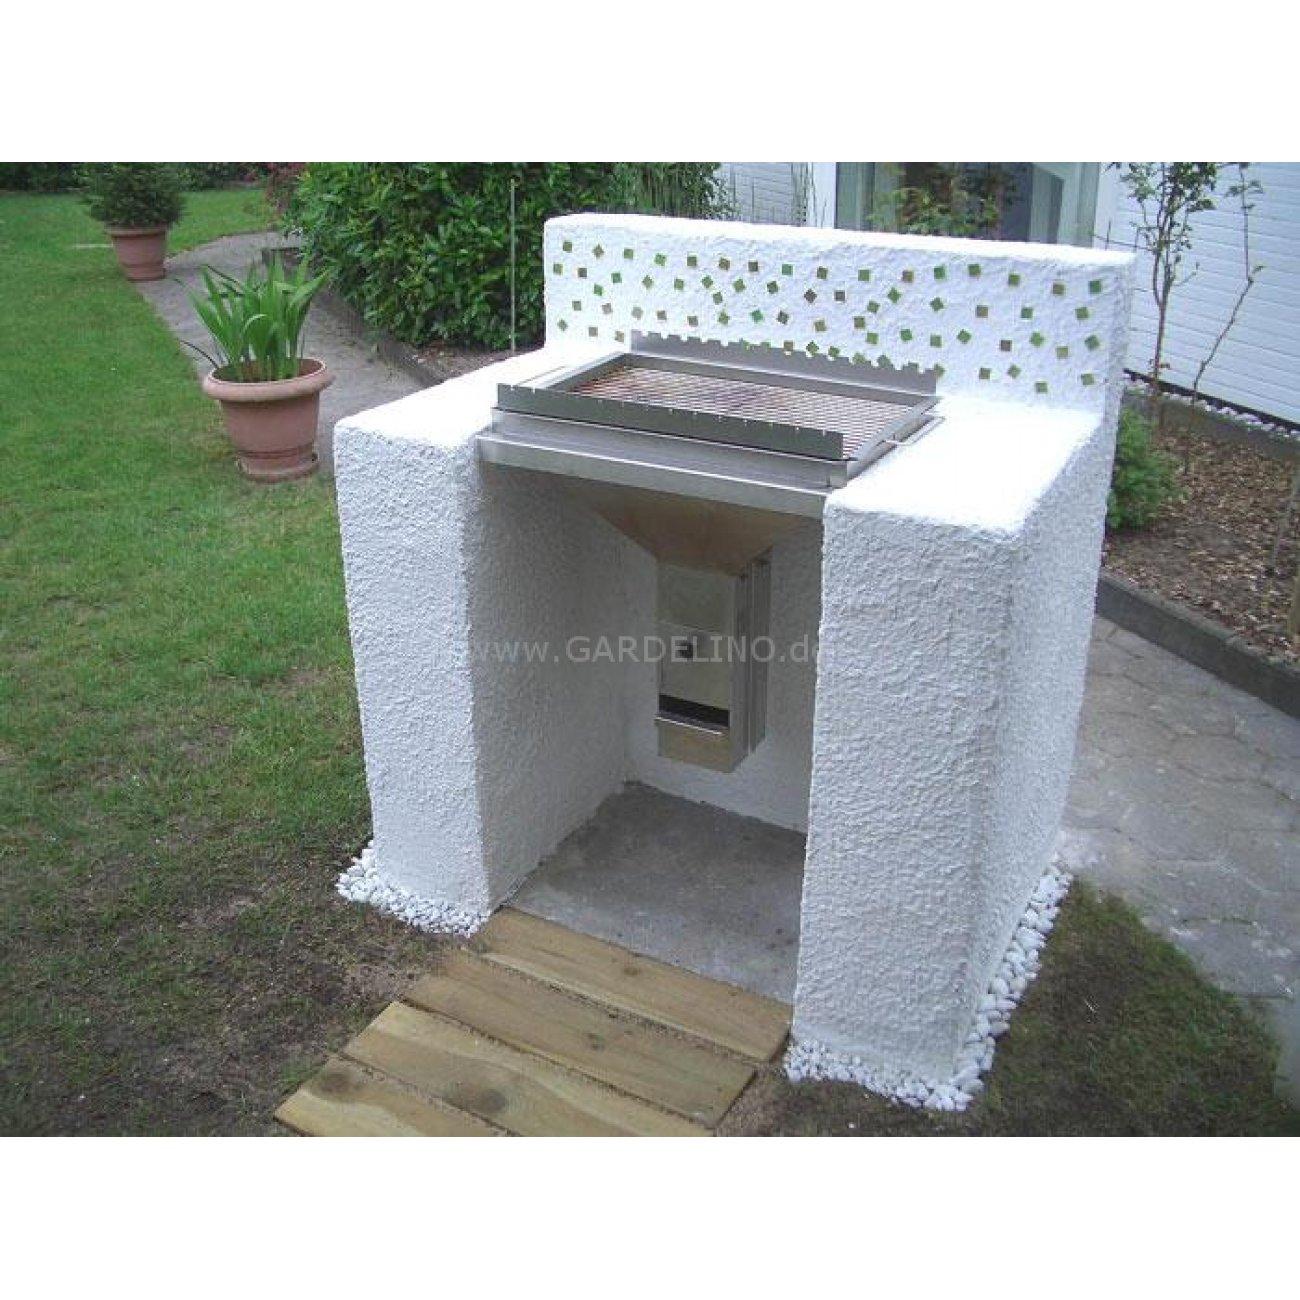 th ros ii grilleinsatz zum bau einer grillstation. Black Bedroom Furniture Sets. Home Design Ideas